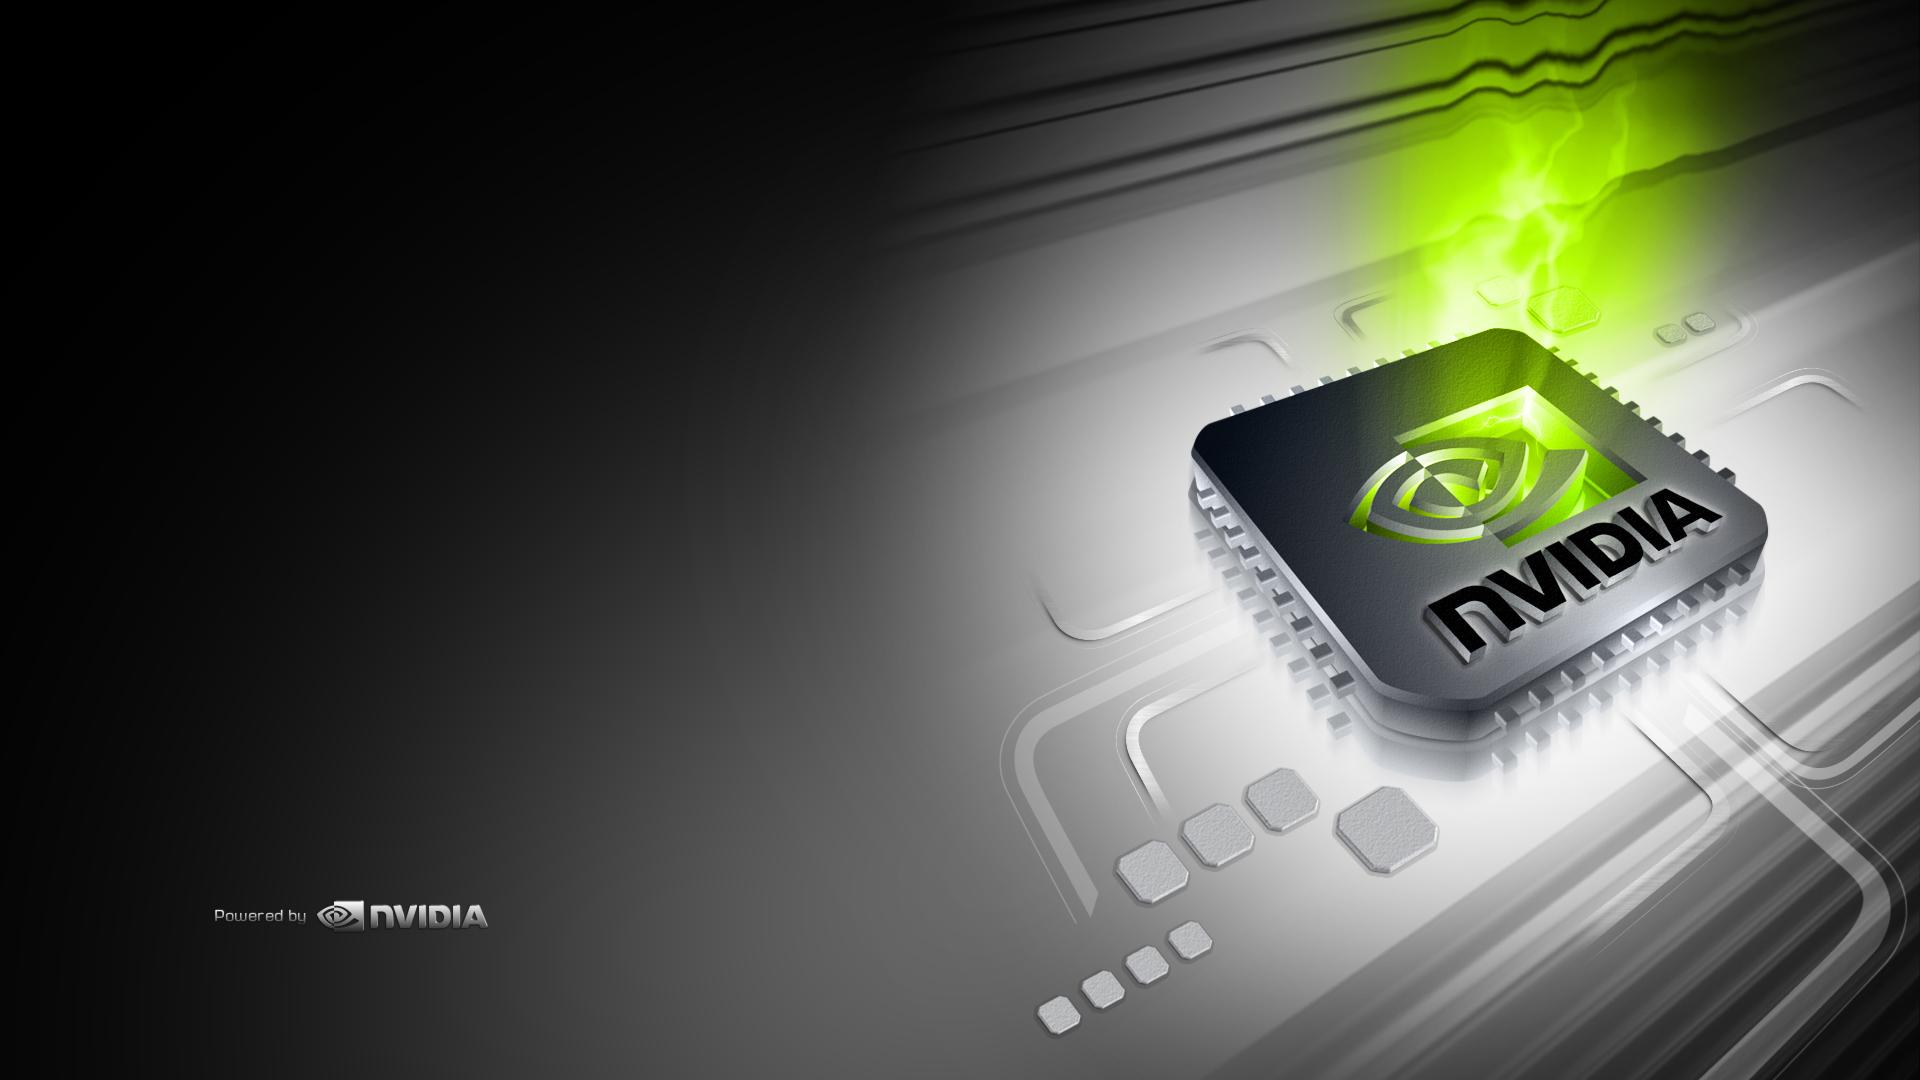 """Nvidia: """"El PC como plataforma sigue siendo muy superior a cualquier consola"""""""